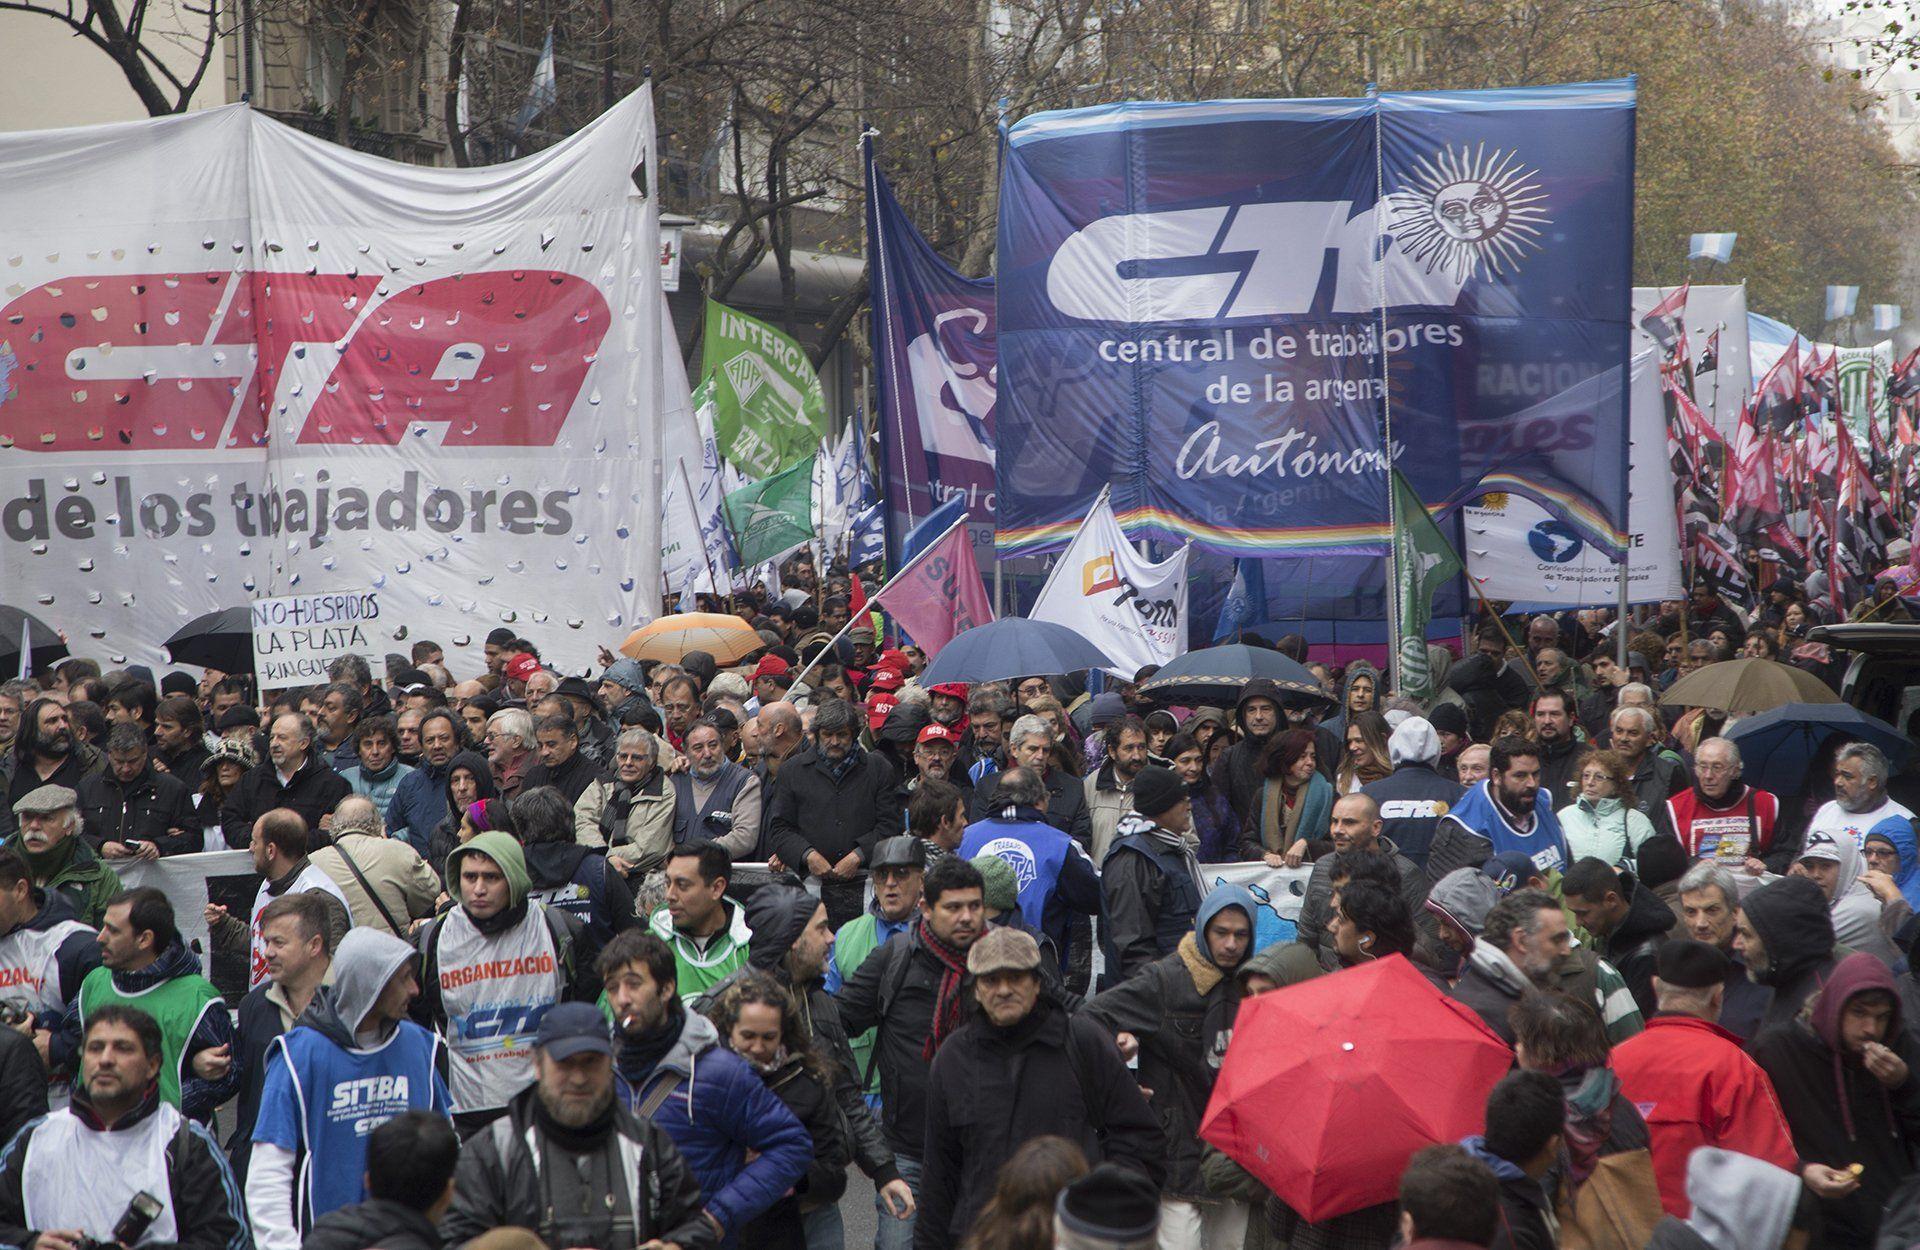 La Marcha Federal se dirige a Plaza de Mayo para protestar contra el Gobierno